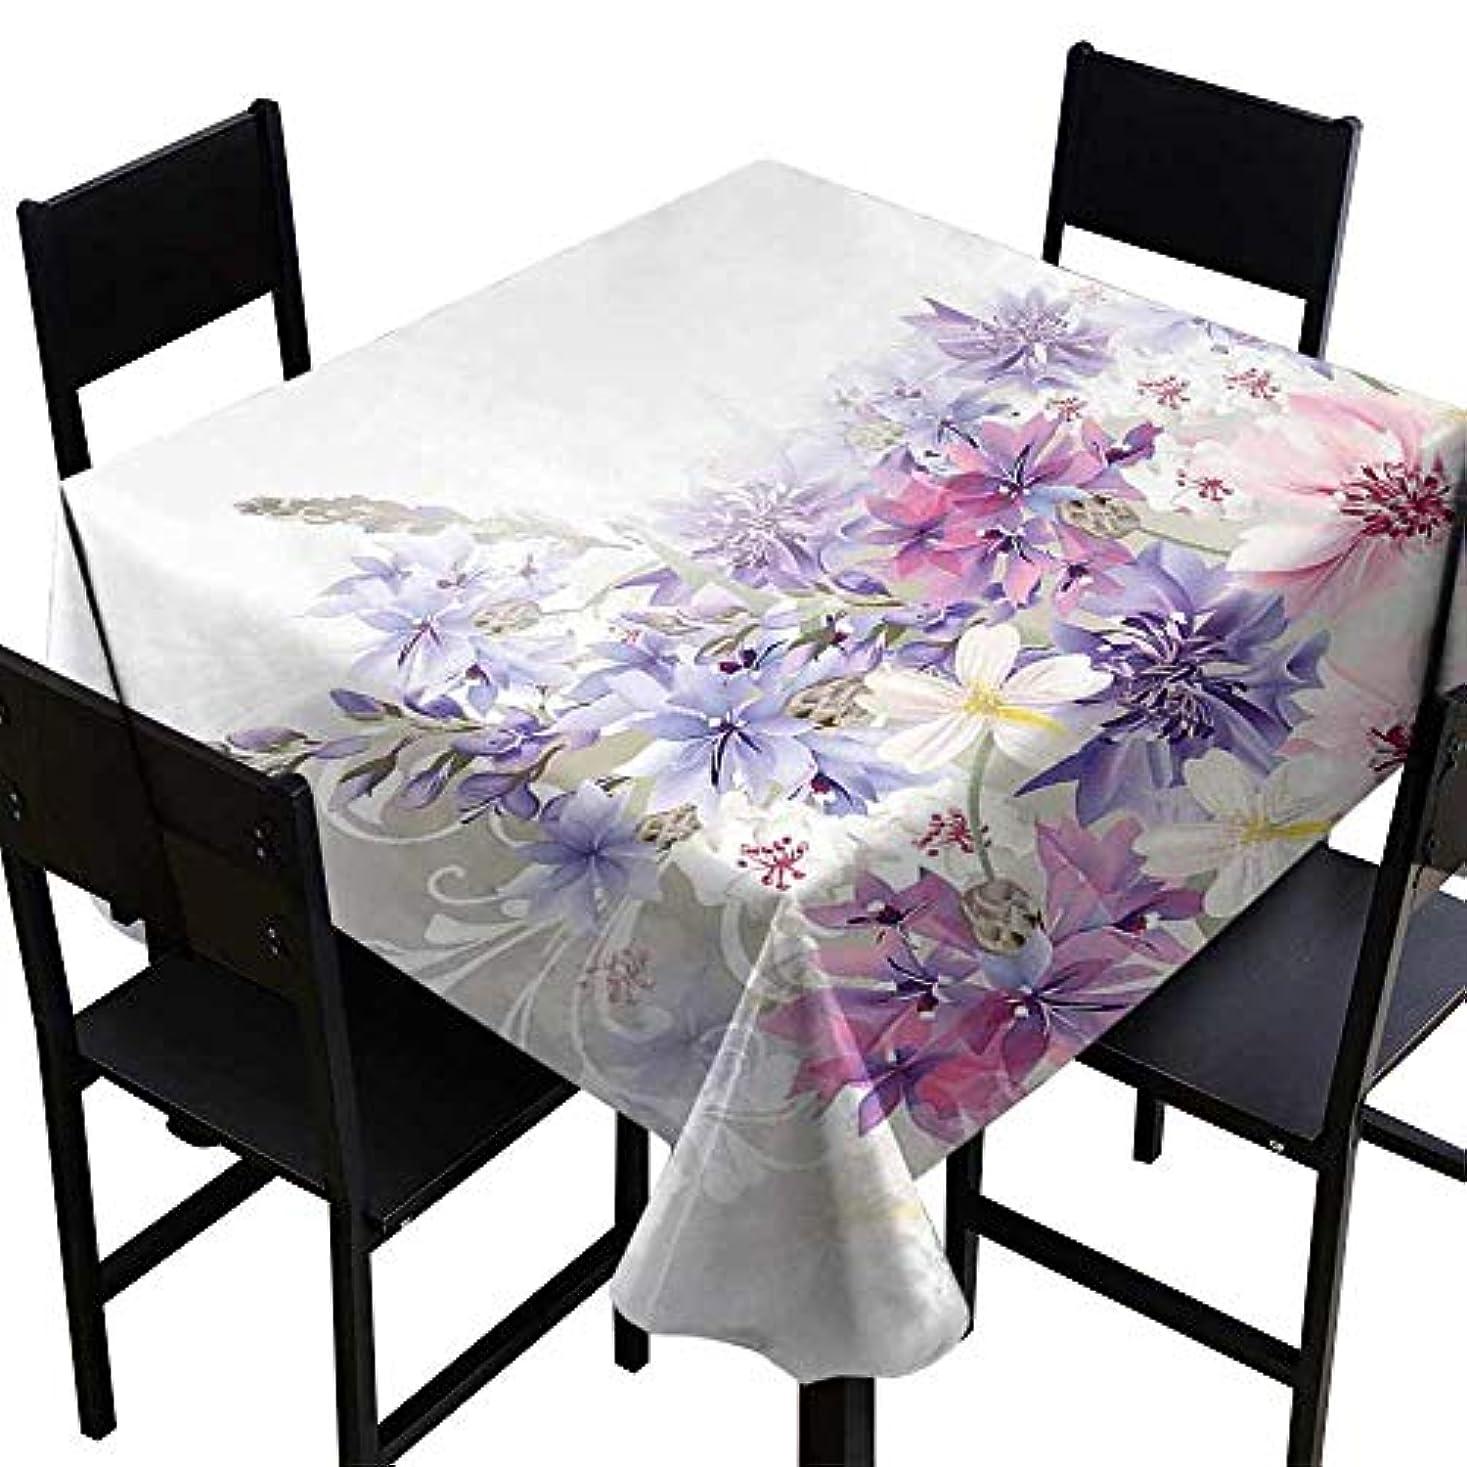 精査ミンチ欺くYSING ピクニックスクエアテーブルクロス ラベンダー 夢のような春の日 新鮮な花 アロマ デリケートな野の花 ラベンダーライラックグリーン レストランなどに最適 36 x 36 Inch(92cm*92cm)